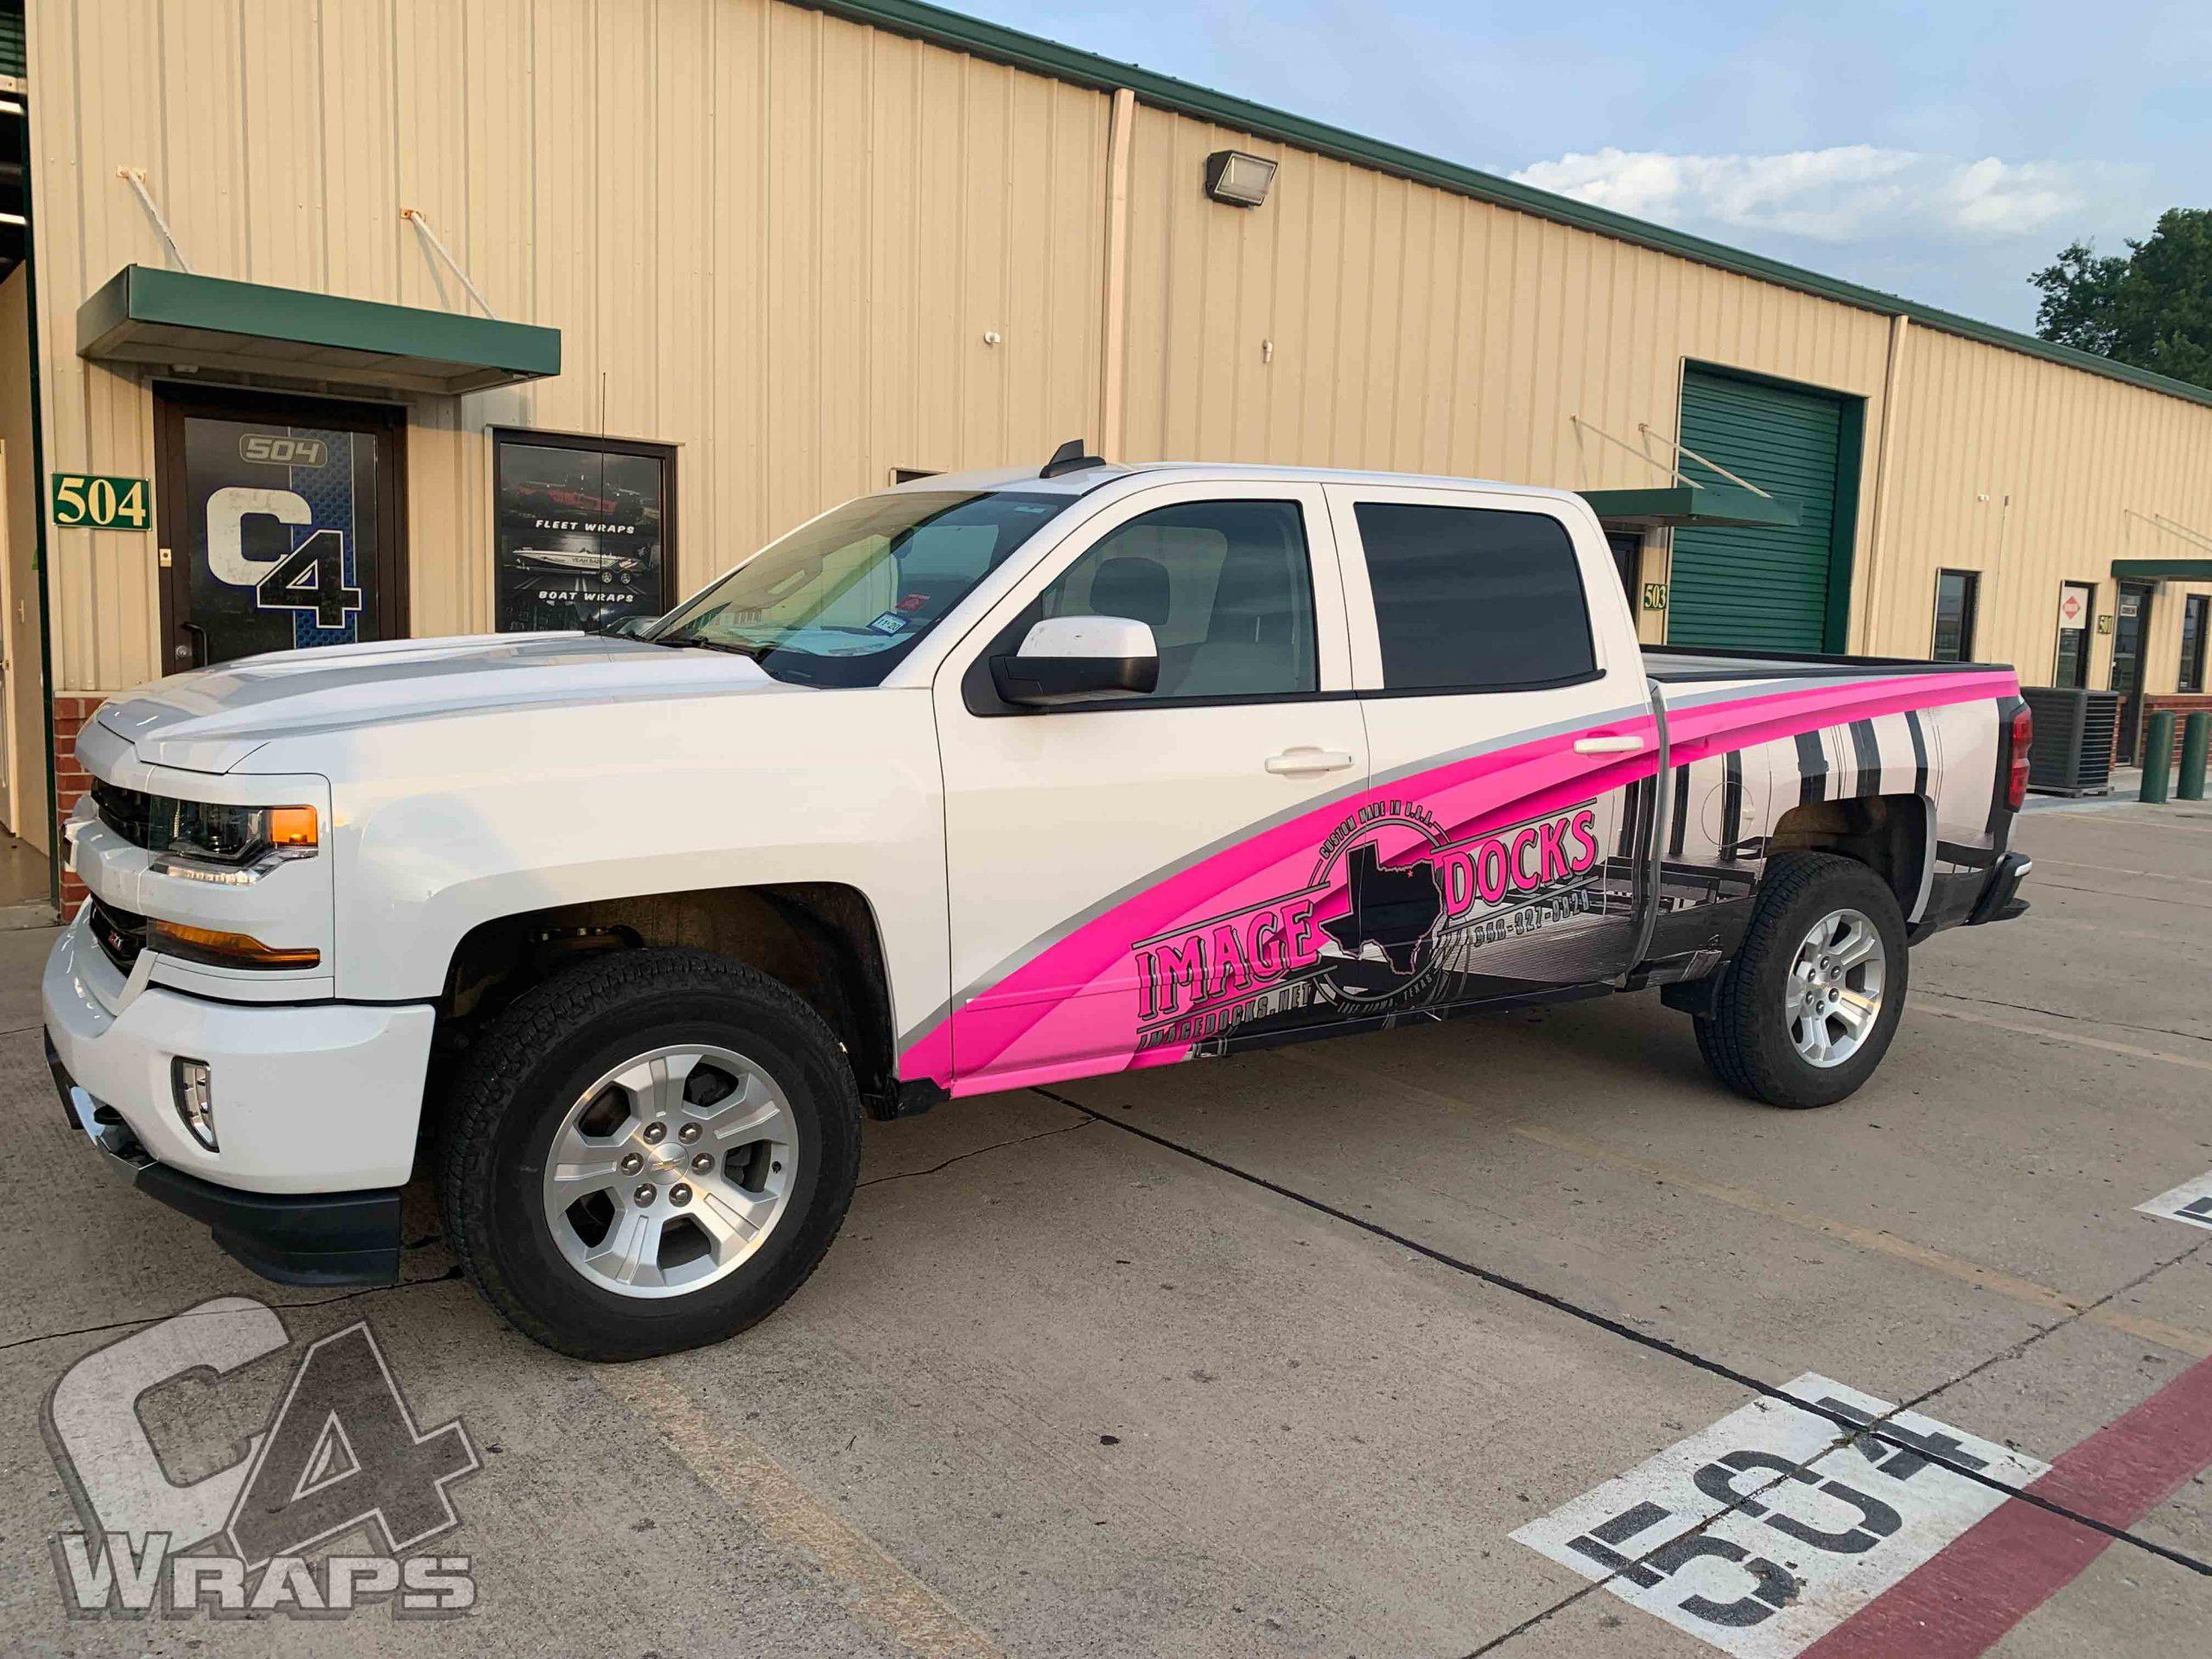 Chevy Silverado Pink Truck Wrap